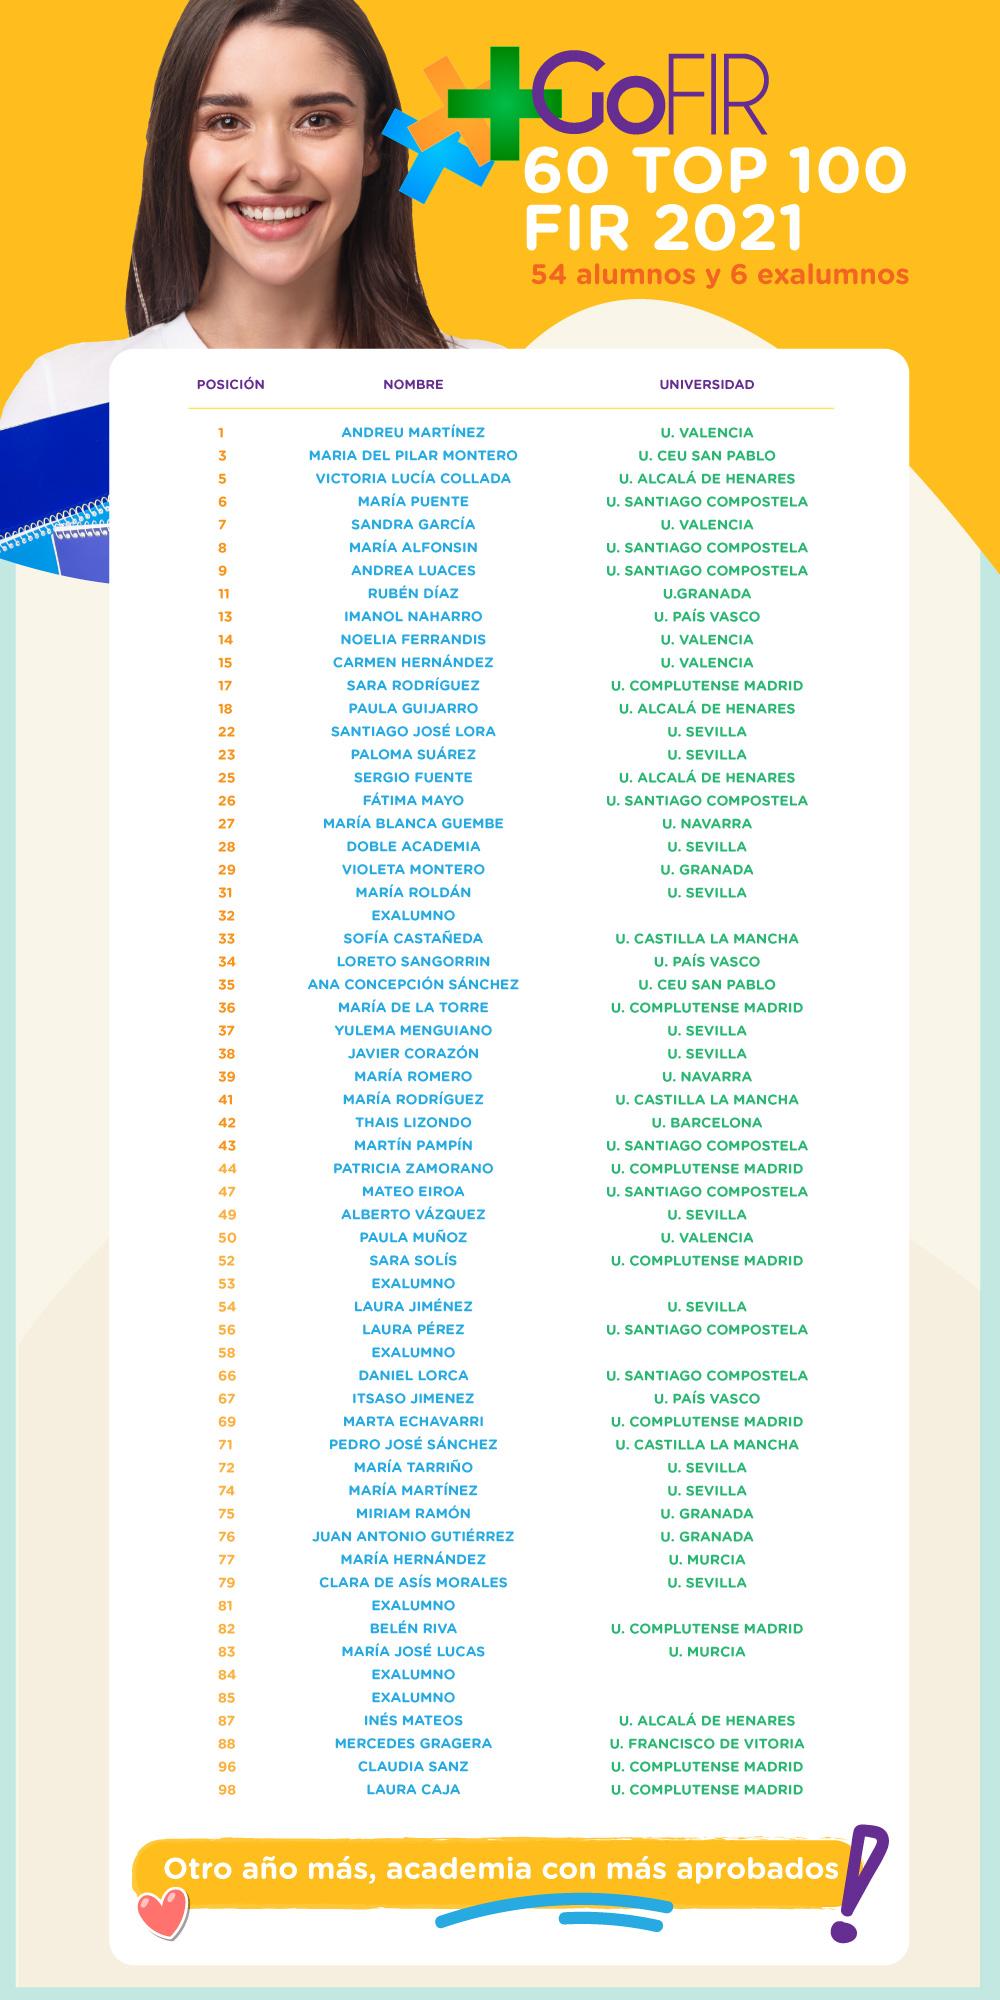 Más del 50 TOP 100 en FIR 2021 son GoFIR